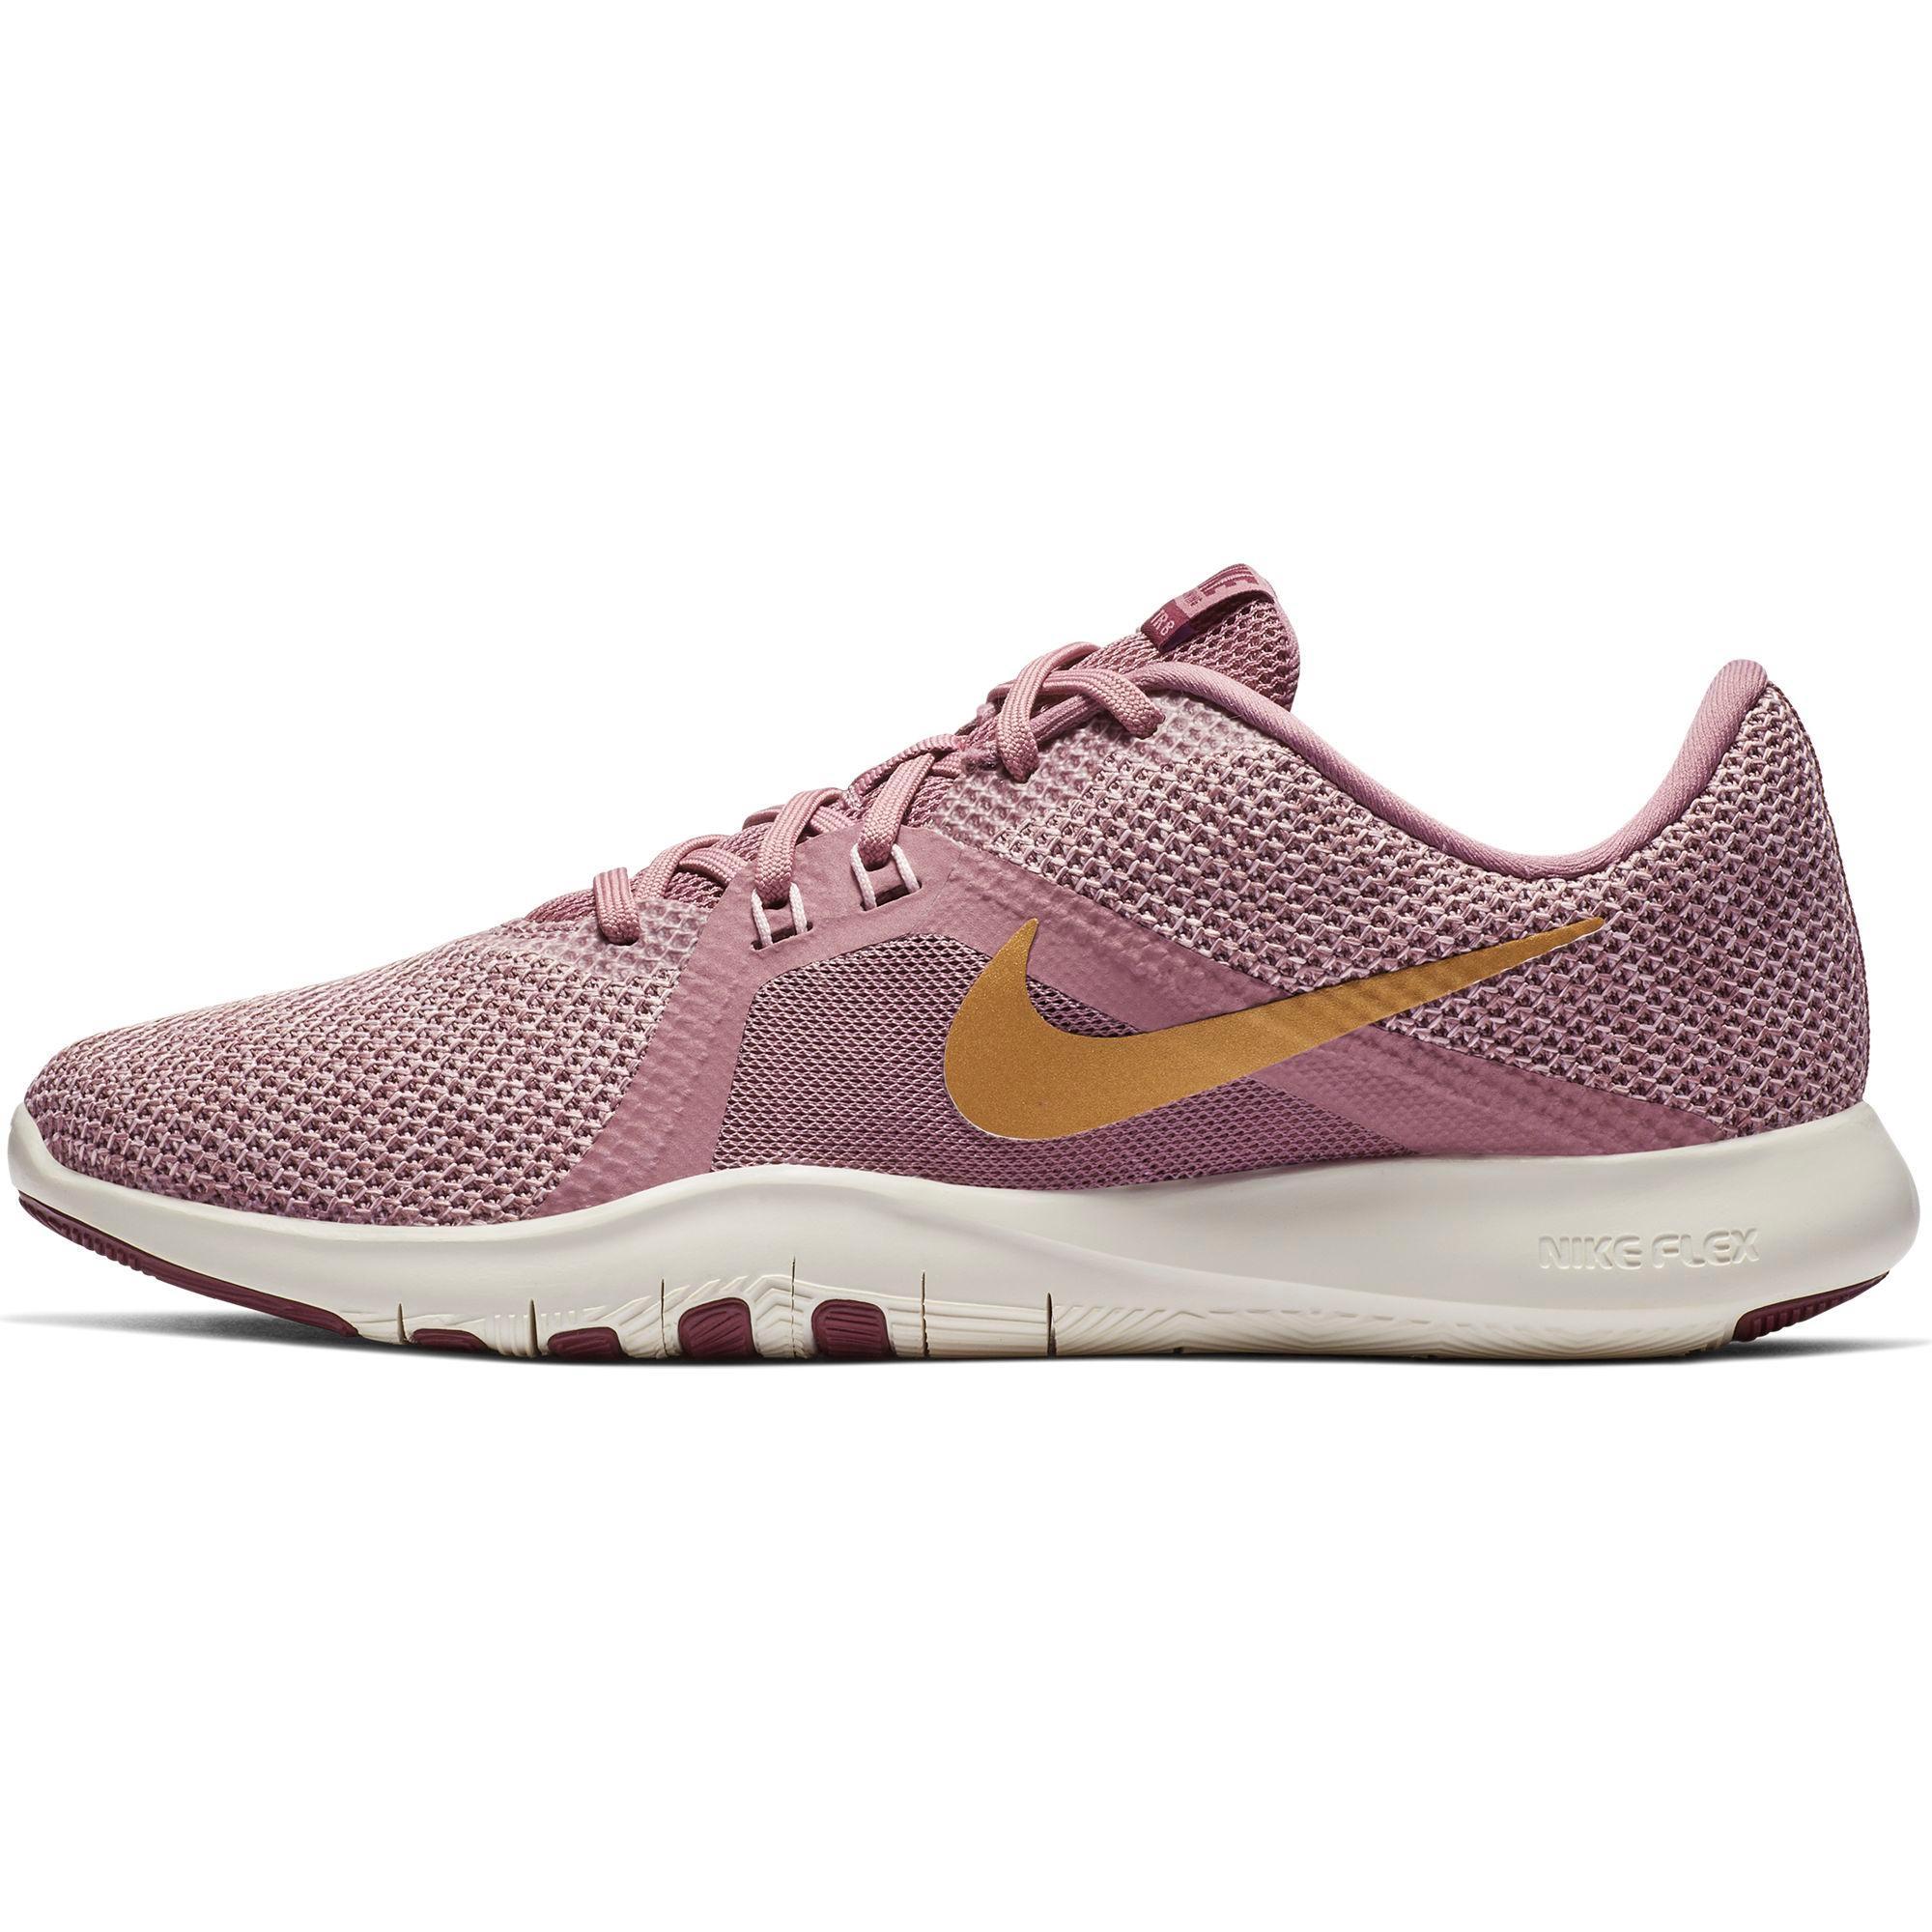 Nike Flex Trainer 8 Fitnessschuhe Damen plum dust-met element gold-pink  foam im Online Shop von SportScheck kaufen